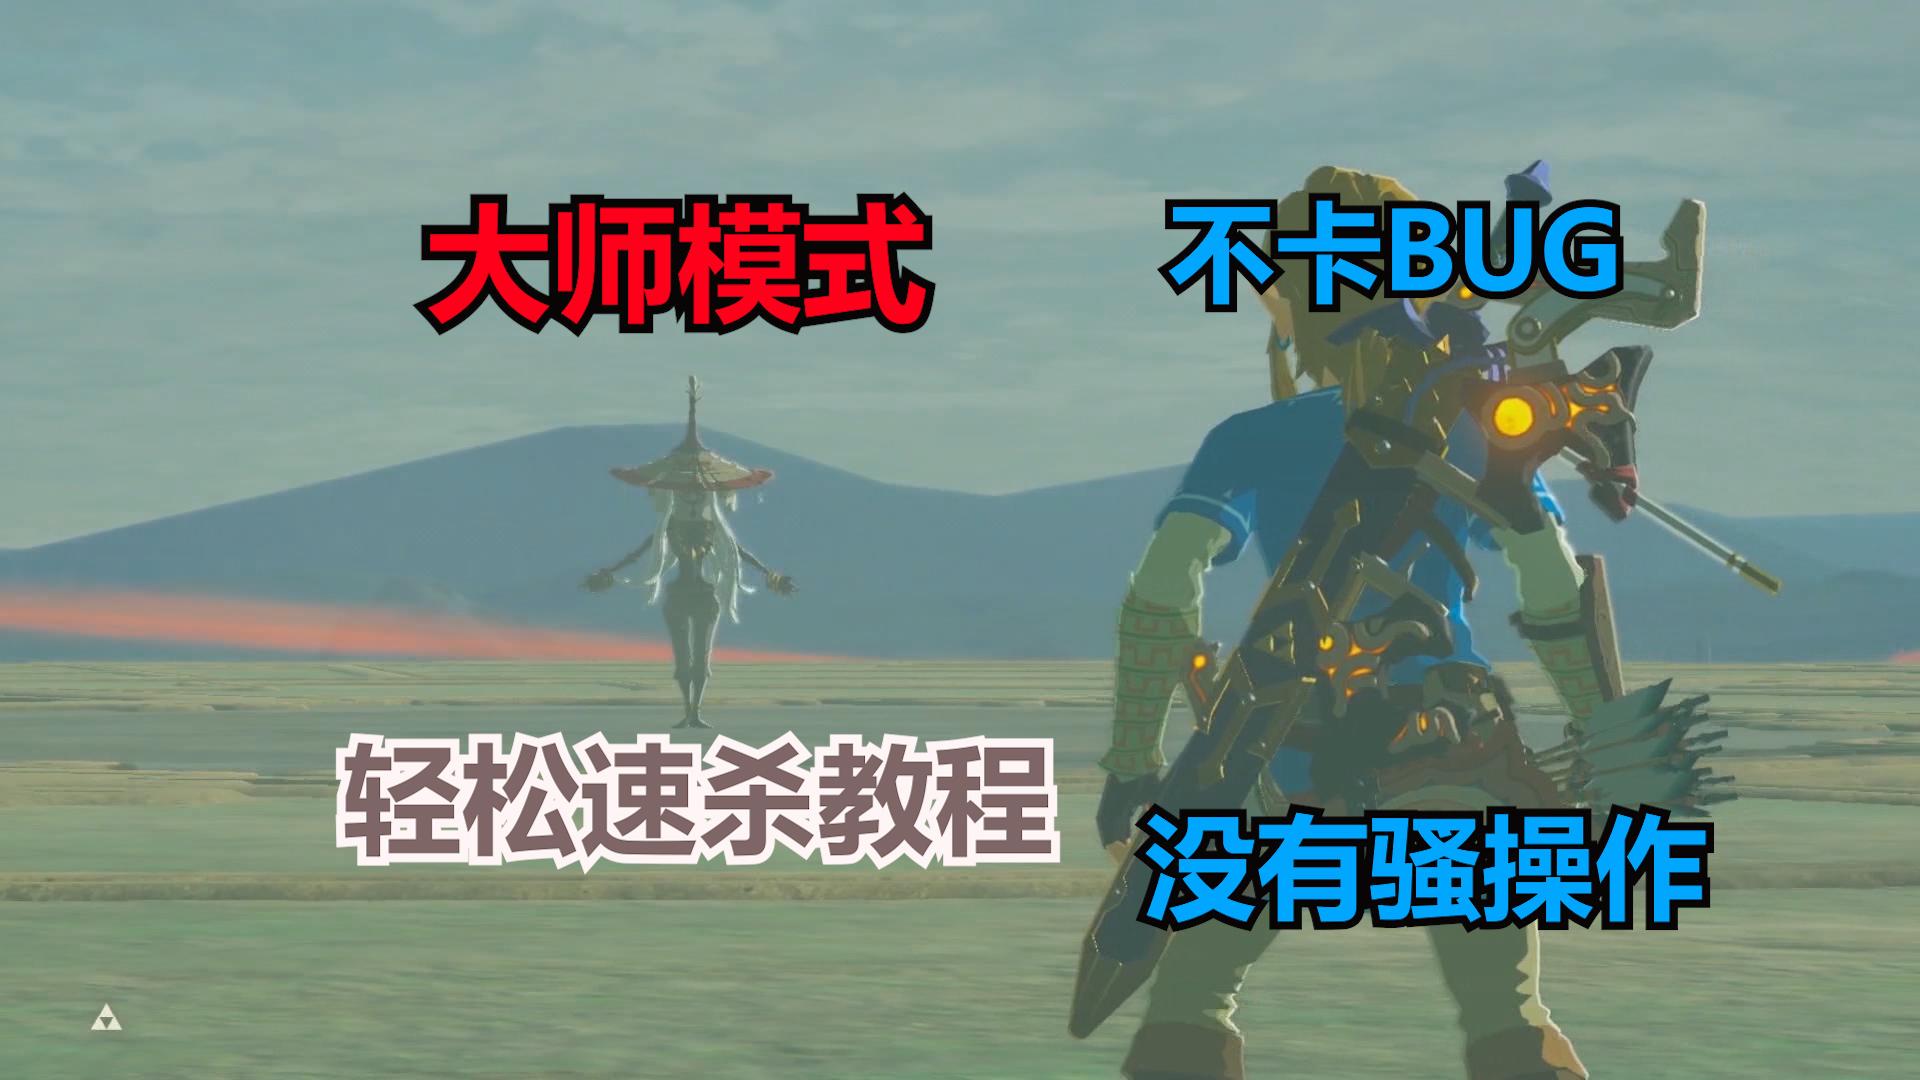 【攻略】速杀DLC导师大试炼【塞尔达传说 荒野之息】